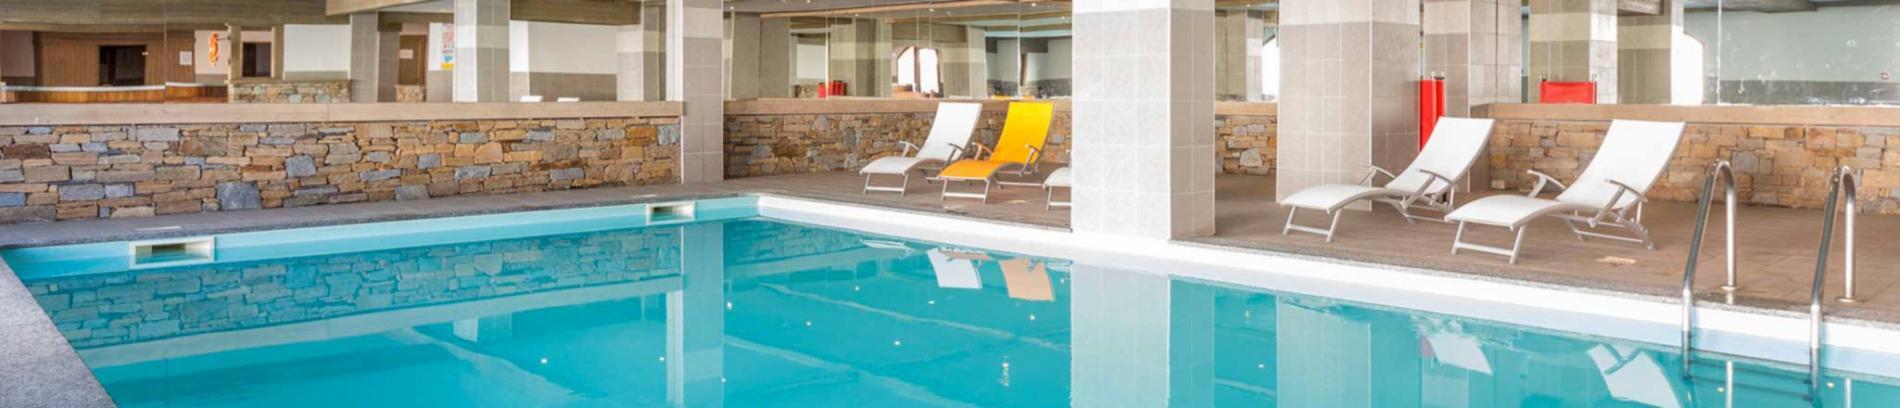 Slide piscine couverte